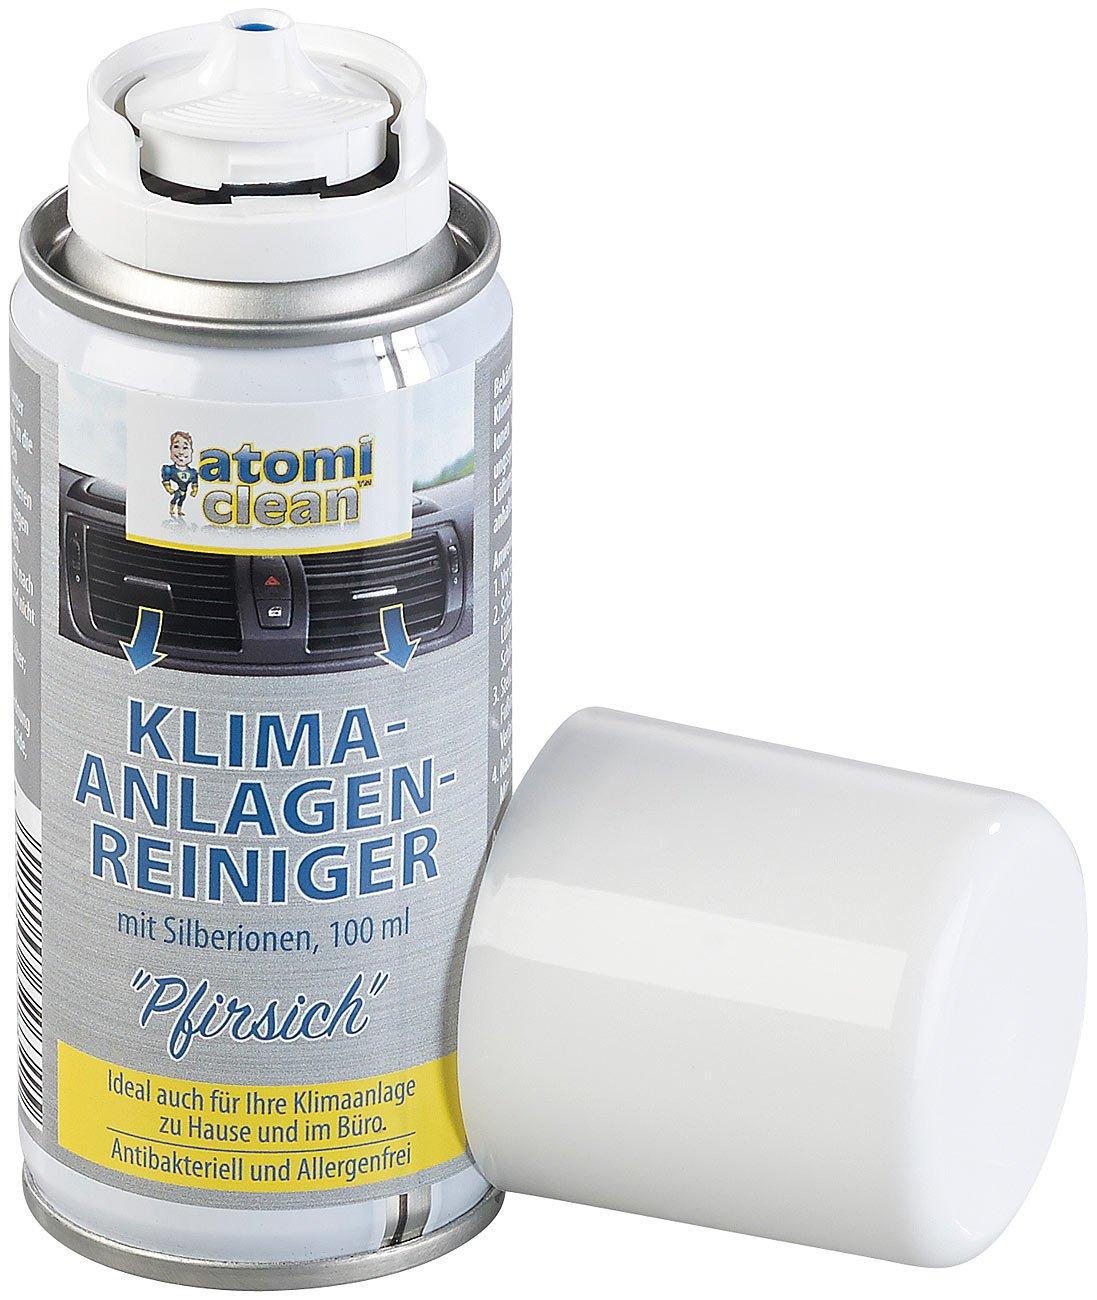 AtomiClean Klimaanlagenreiniger: Klimaanlagen-Reiniger\